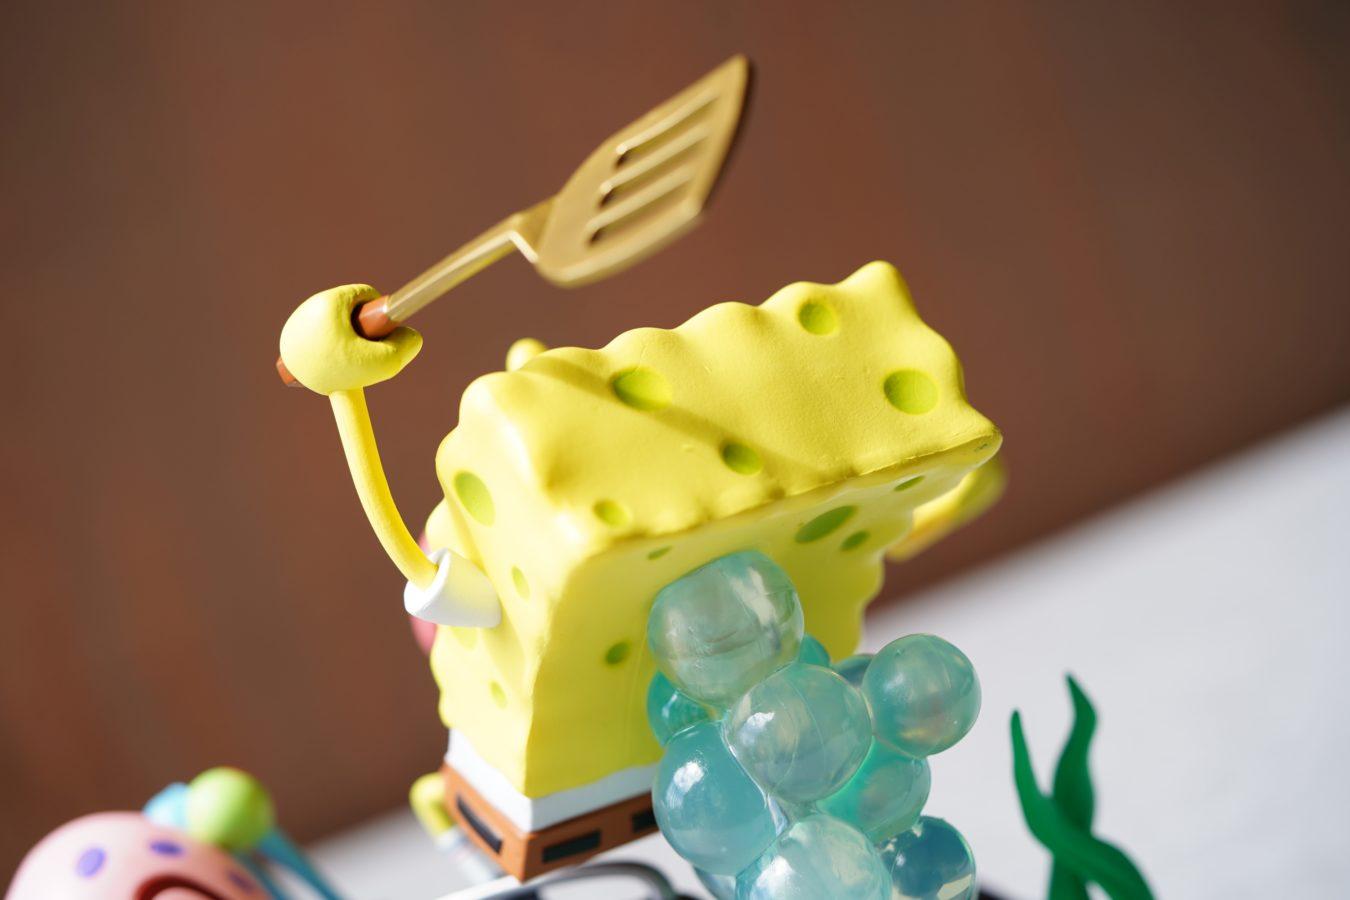 Unboxing ogromnej edycji kolekcjonerskiej SpongeBob SquarePants: Battle for Bikini Bottom Rehydrated F.U.N. Edition 76